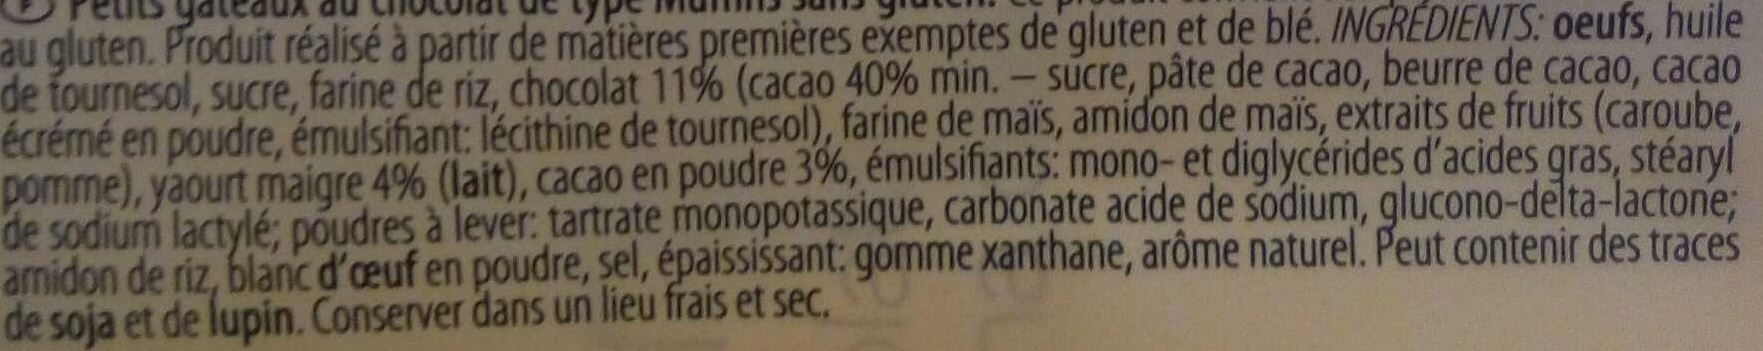 Muffins choco - Inhaltsstoffe - fr